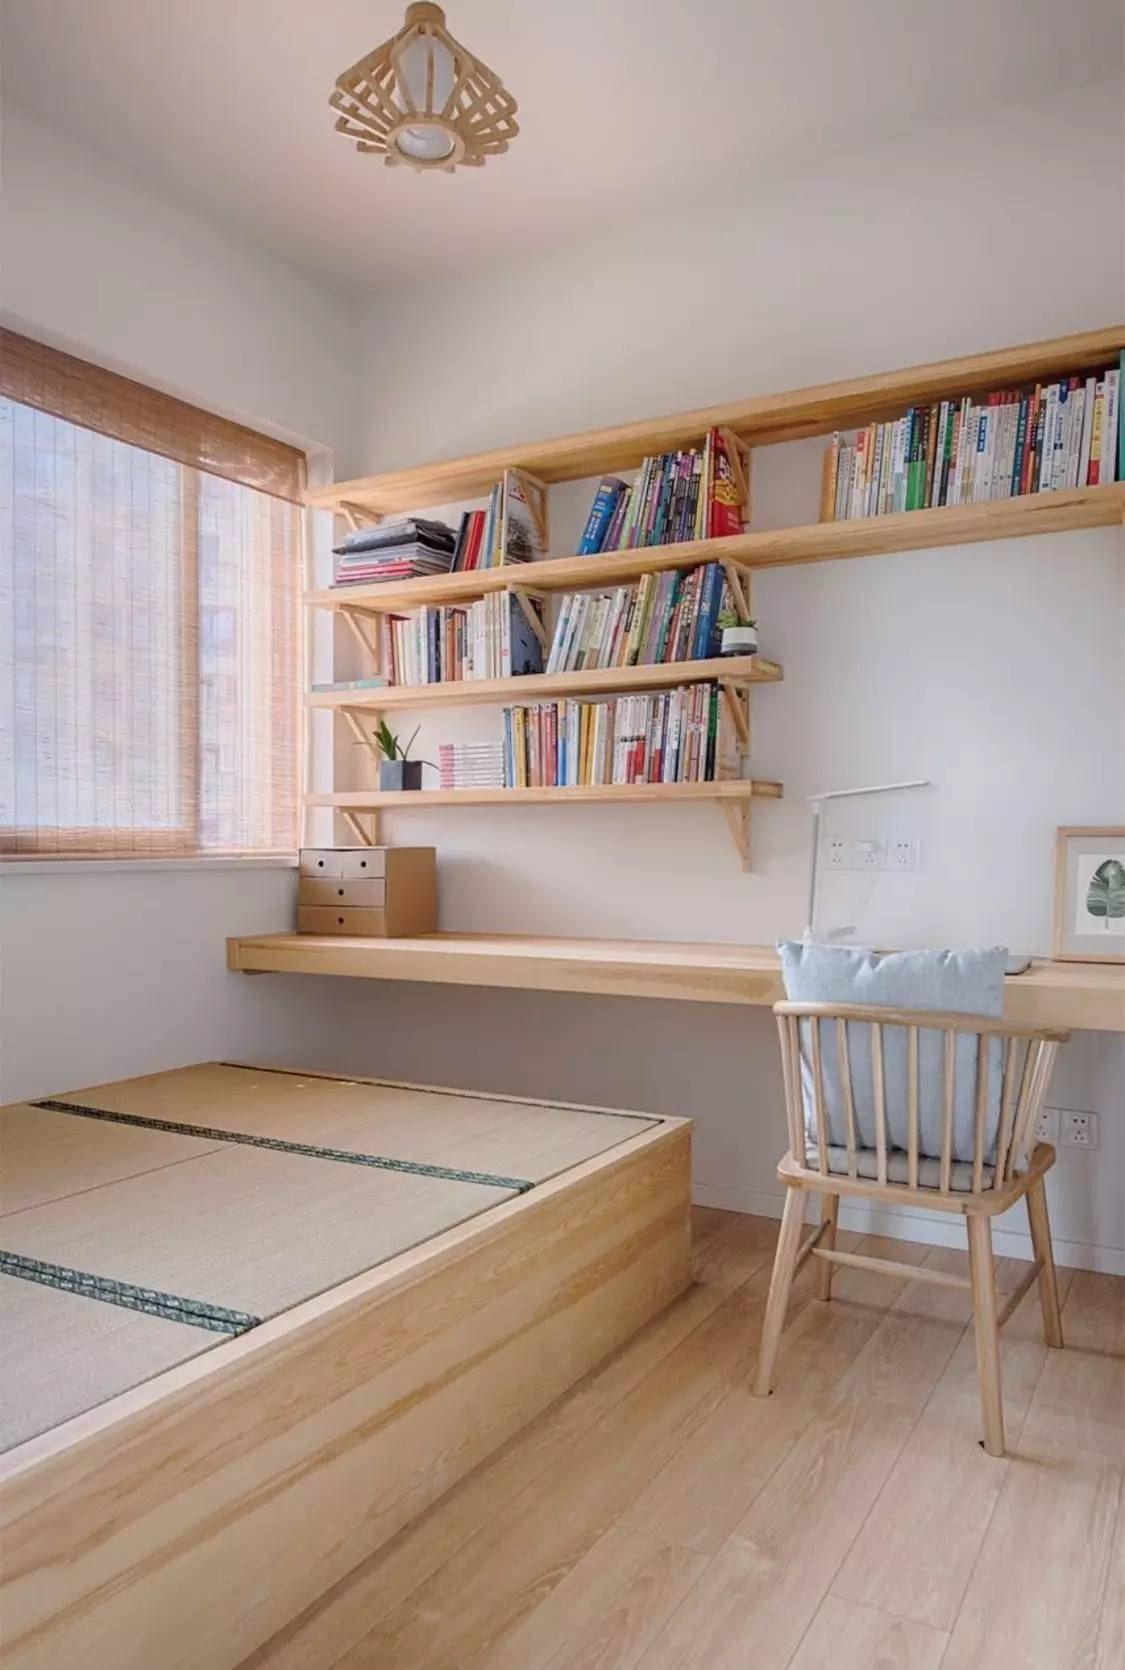 卧室榻榻米书房装修效果图大全,有榻榻米的书房装修效果图大全